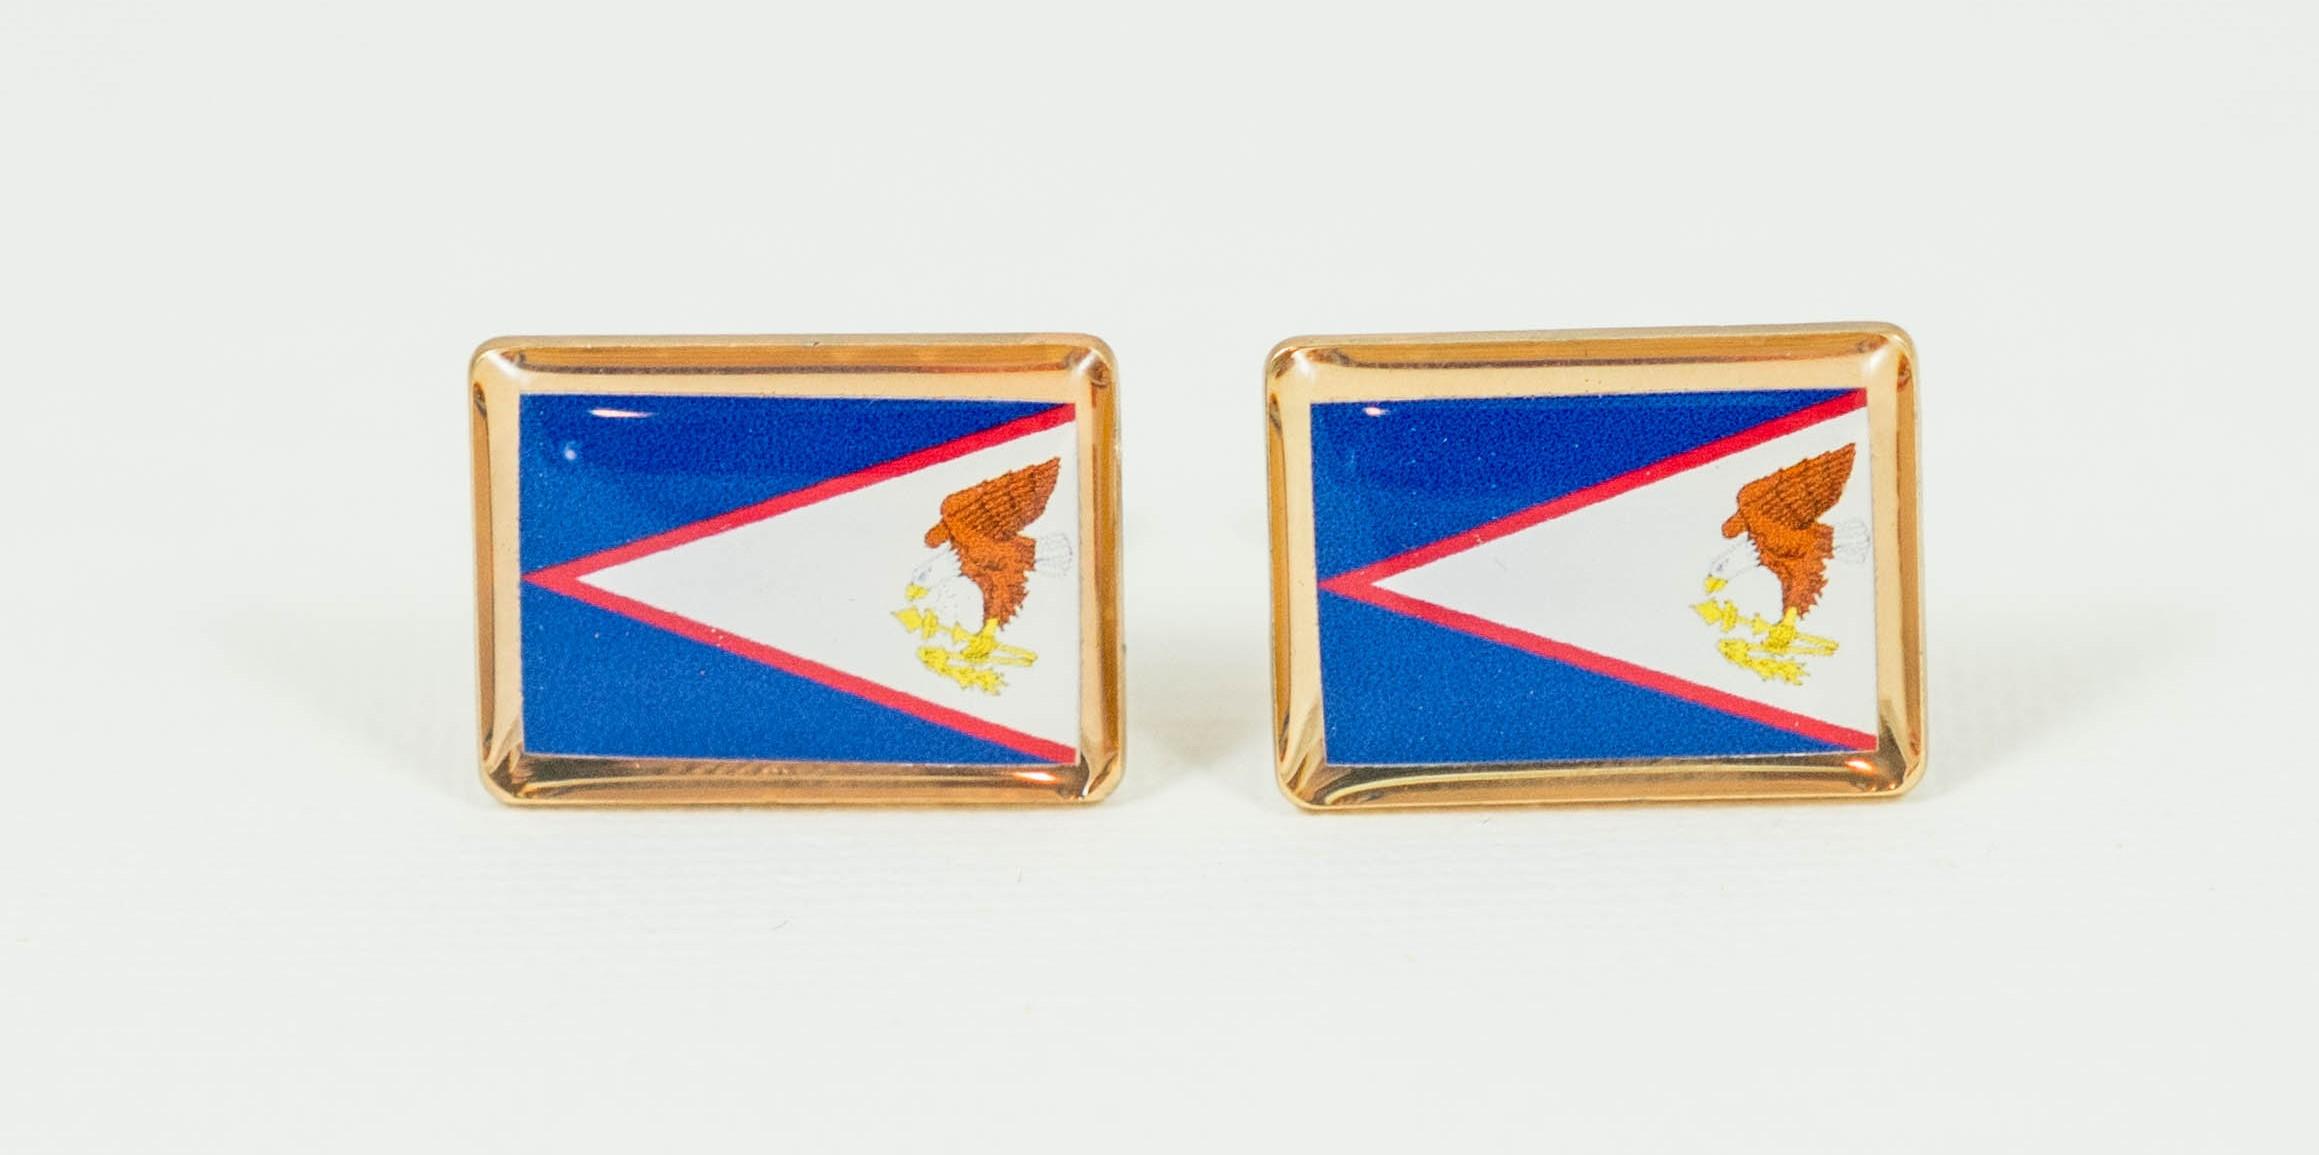 Samoan Flag Cufflinks